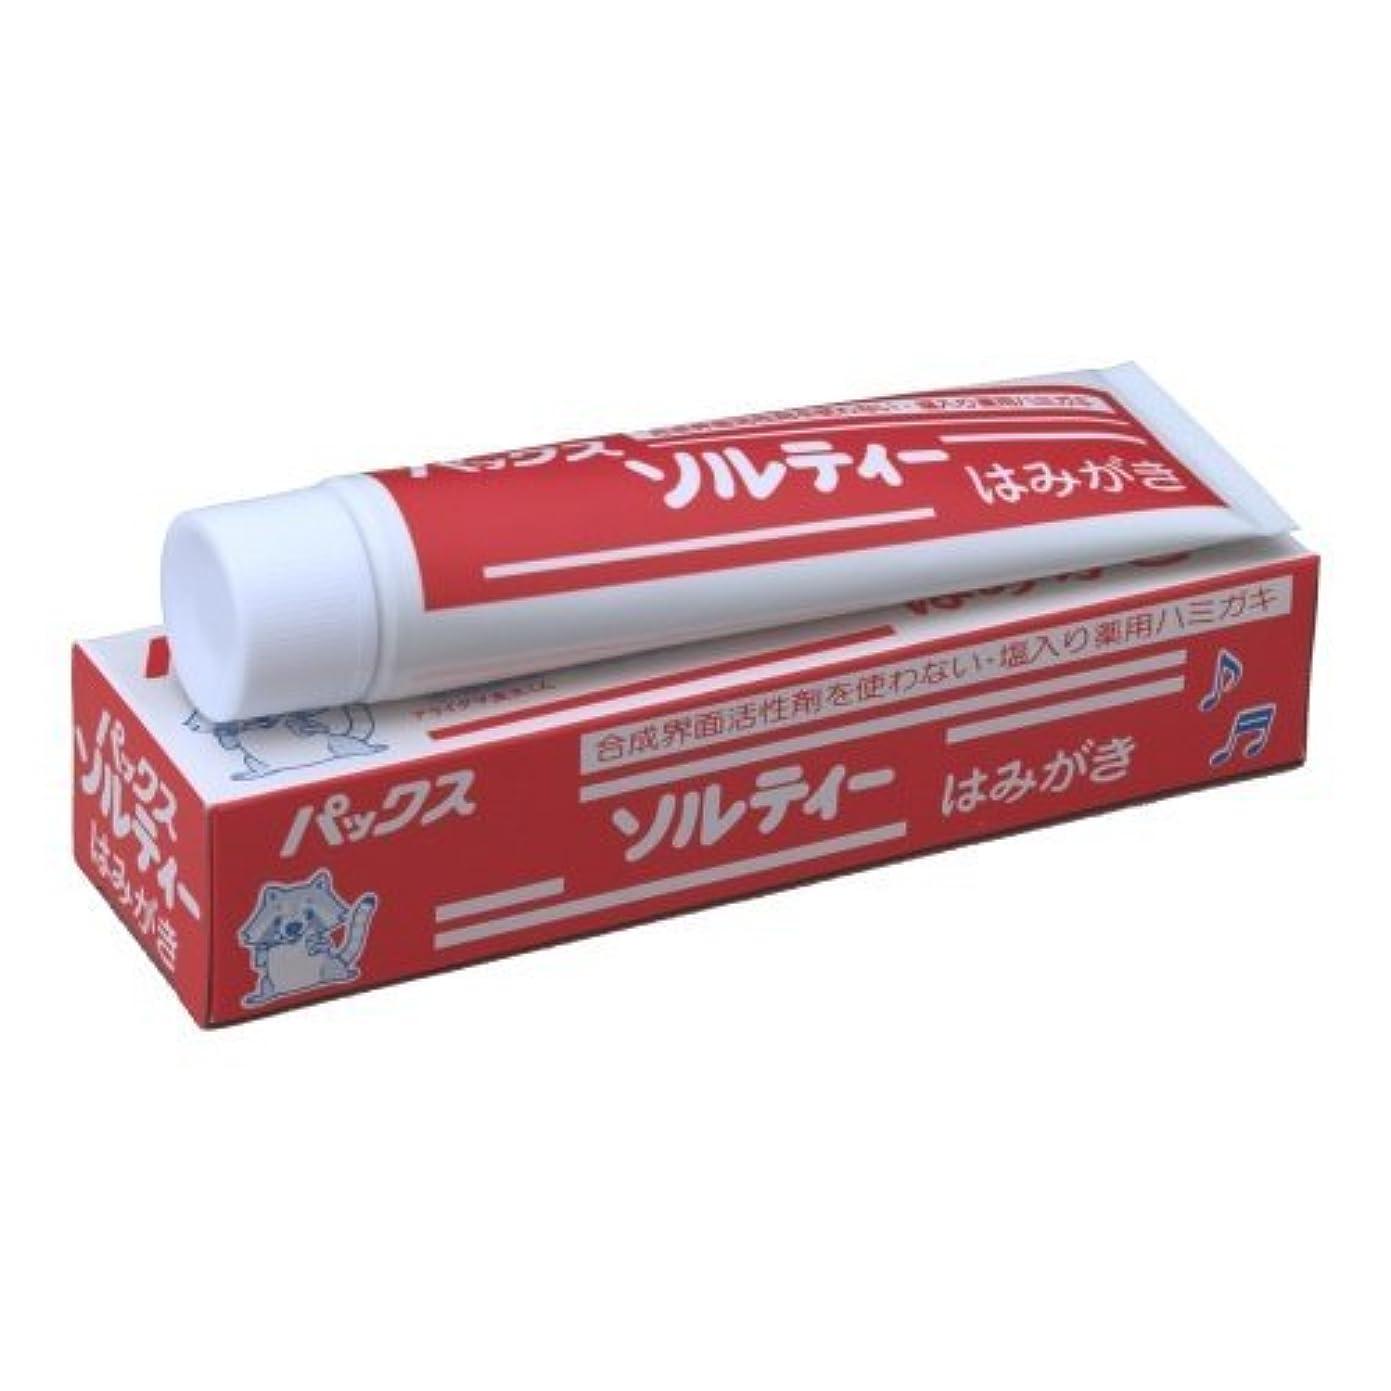 モンゴメリーピケブレンドパックスソルティーはみがき 80g (塩歯磨き粉)